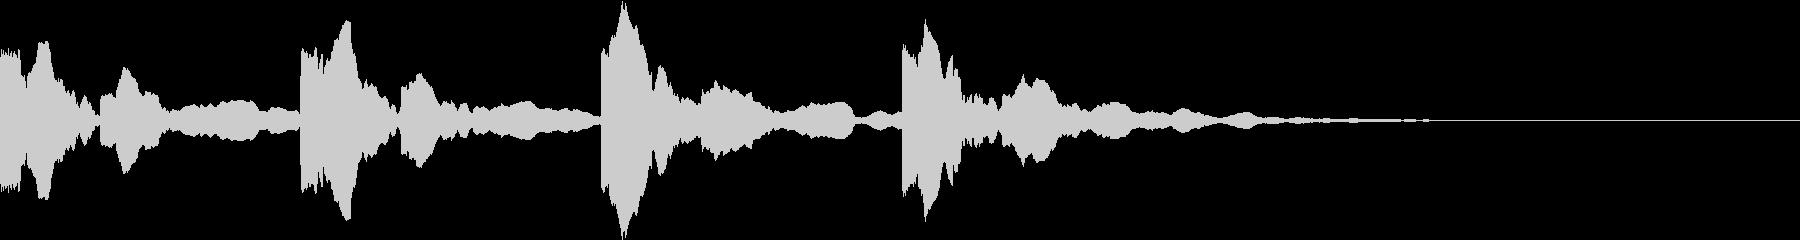 潜水艦の中のような電子音(4発)の未再生の波形